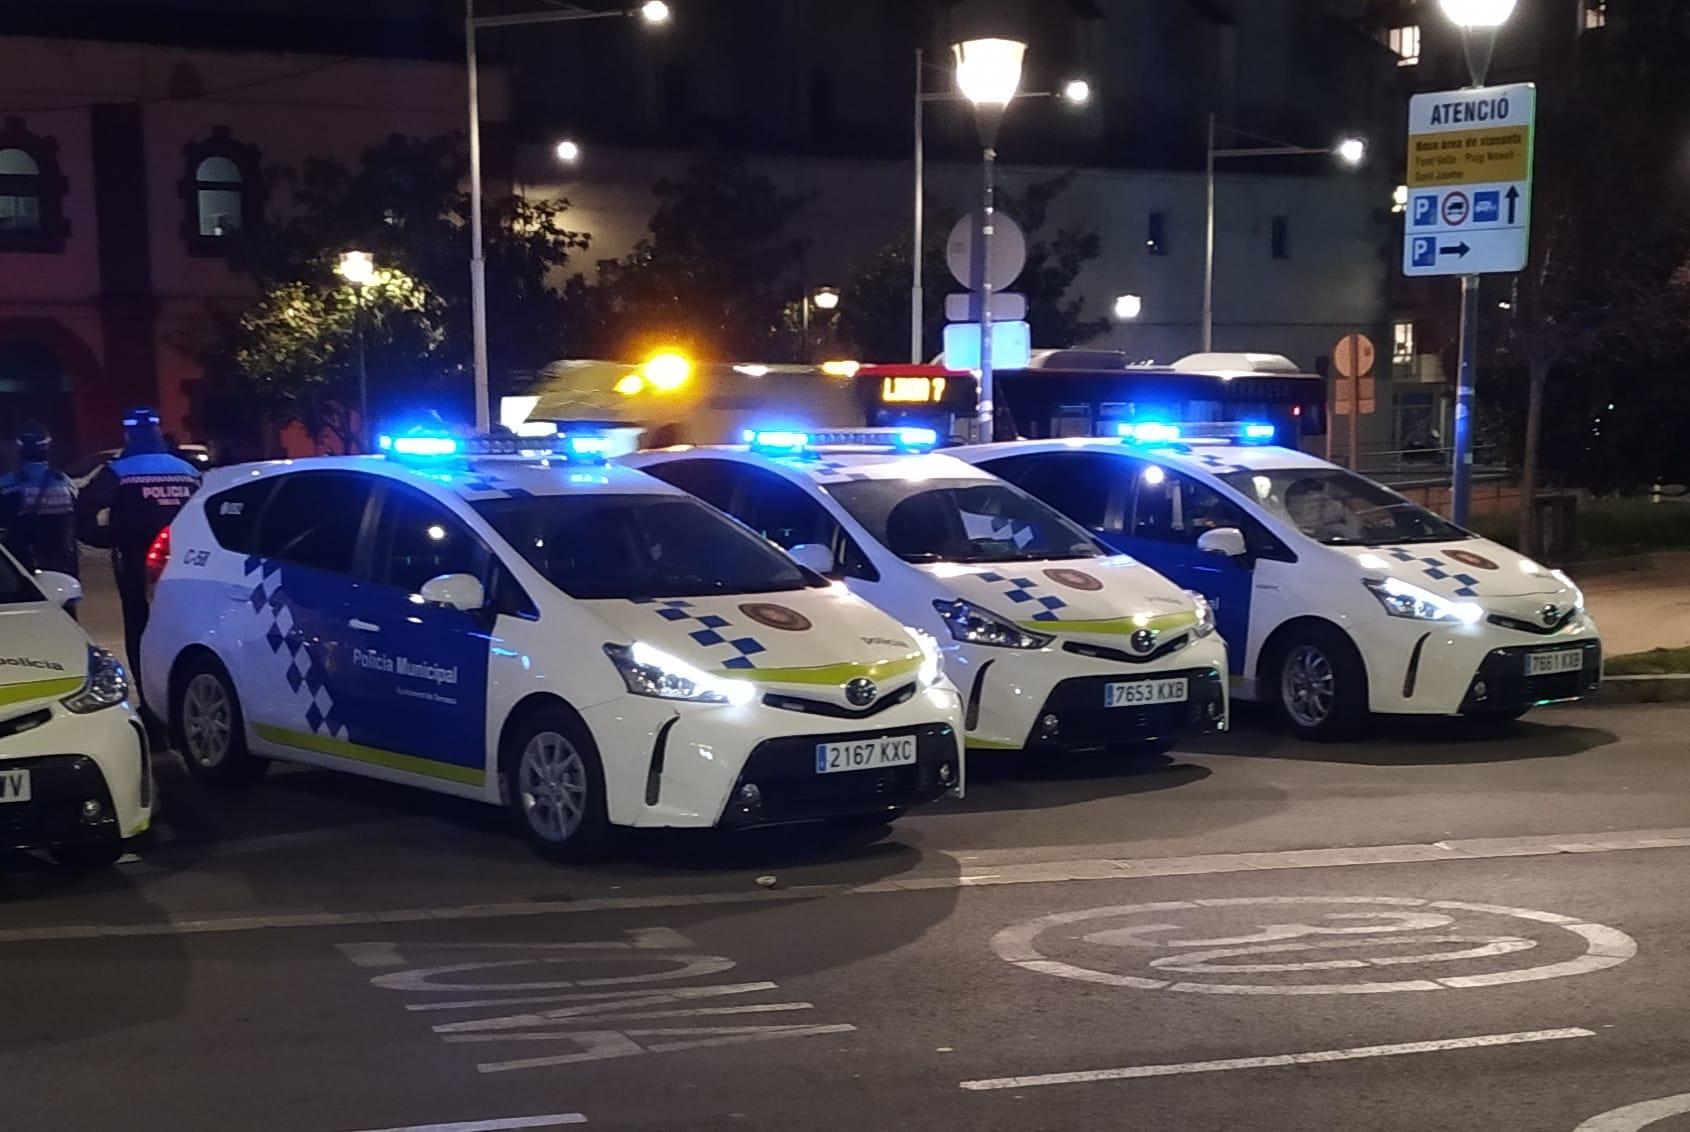 Vehicles de la Policia Municipal de Terrassa | Policia Municipal de Terrassa